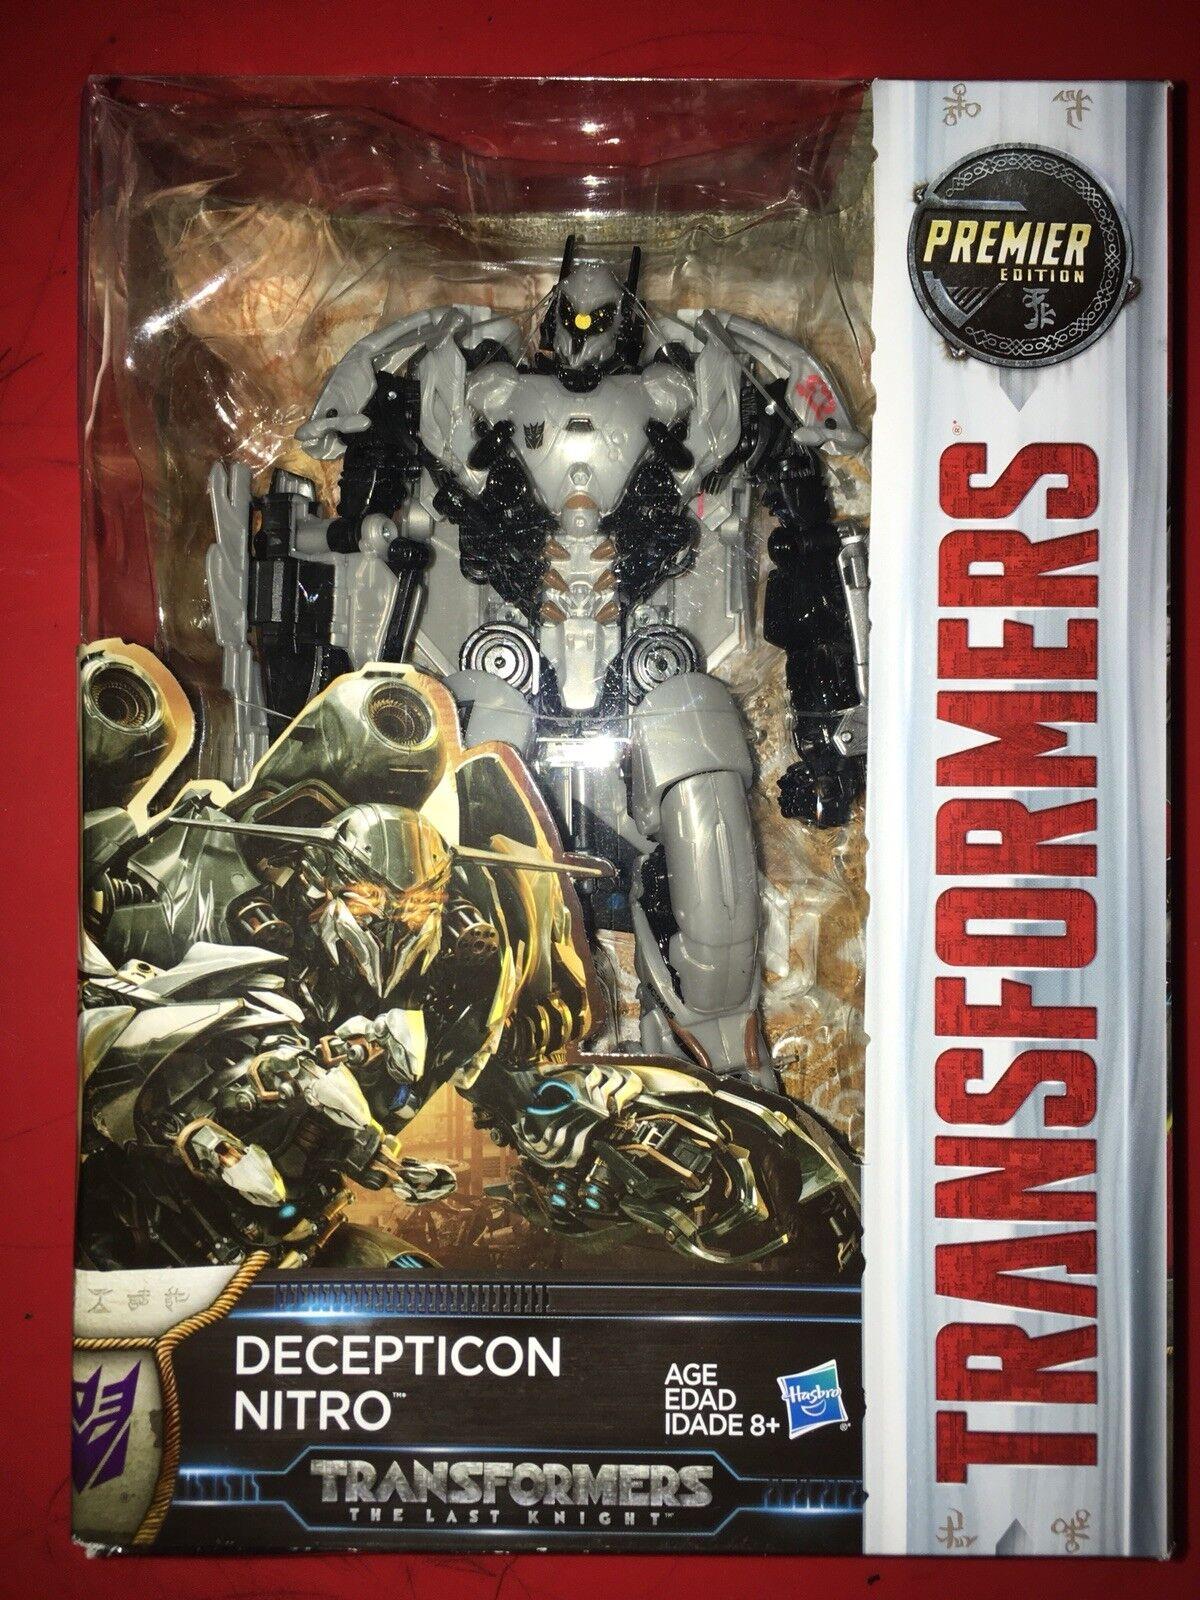 Transformer Decepticon  Nitro Premier Edition Voyager Class New in Box very rare